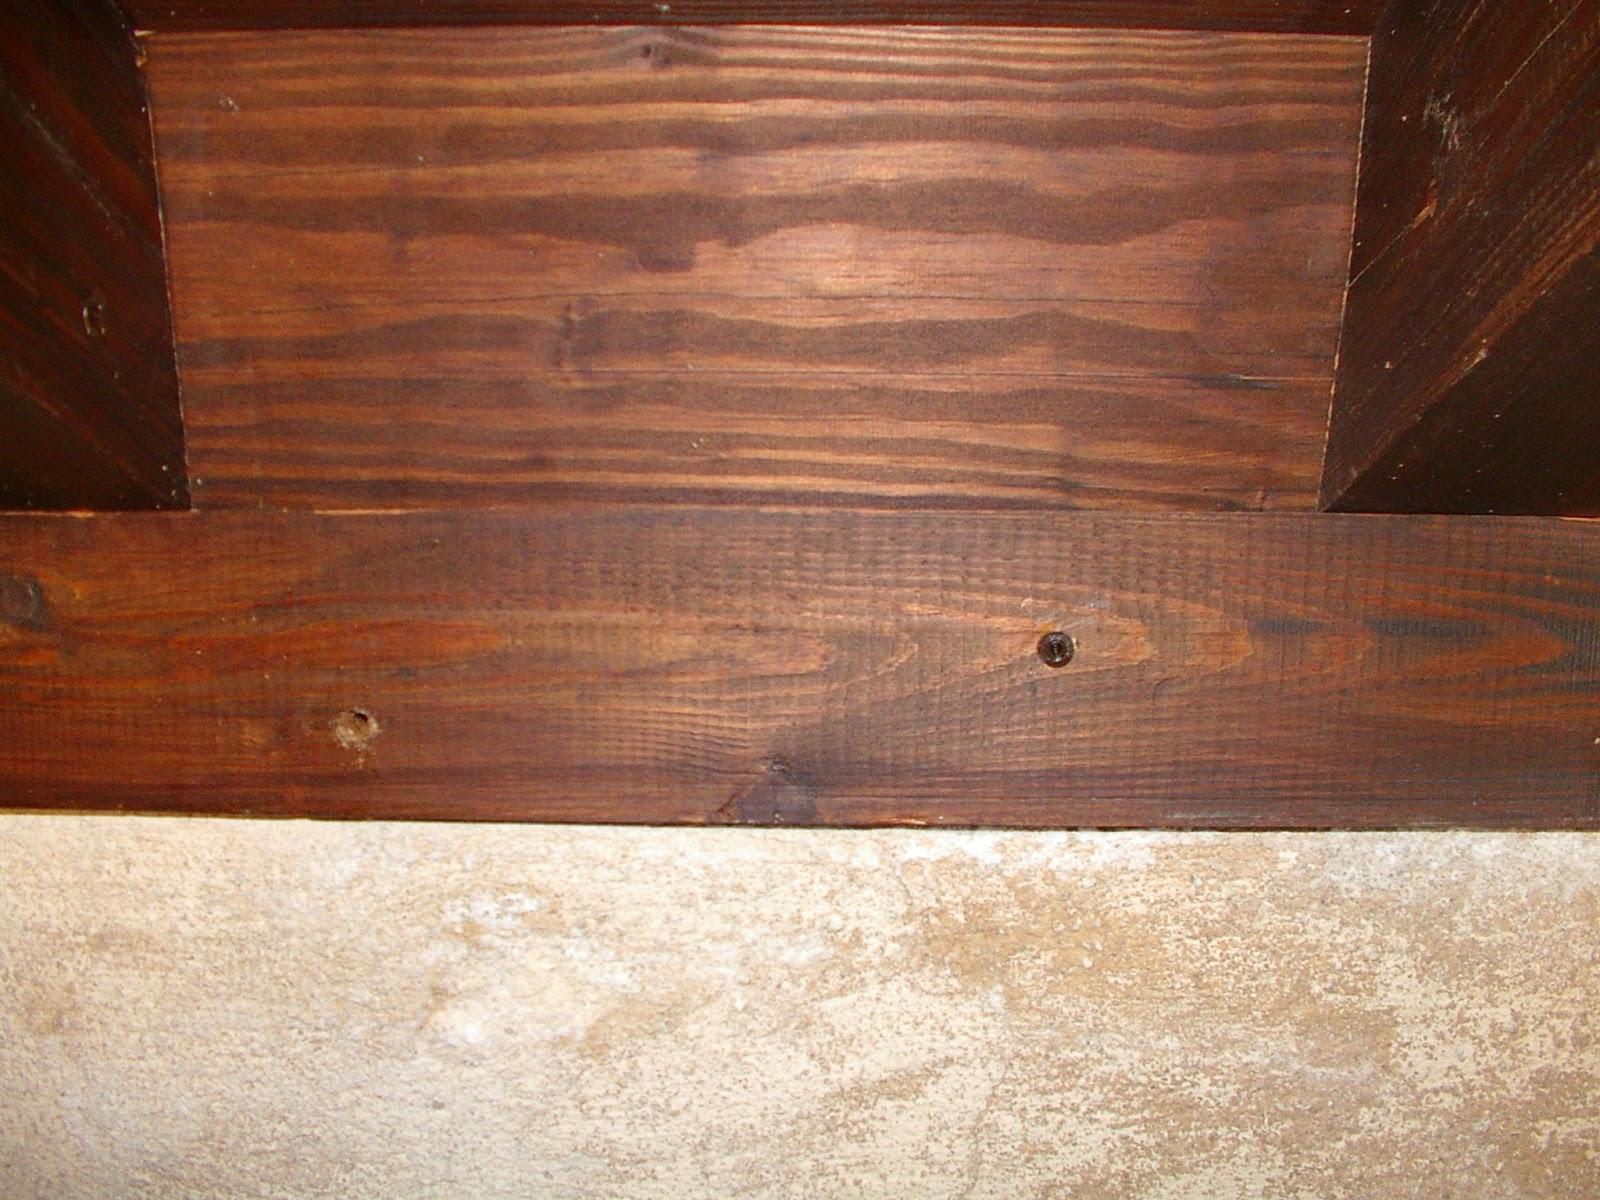 Arte de cuidar la madera tratamiento contra la carcoma - Tratamiento de la madera ...